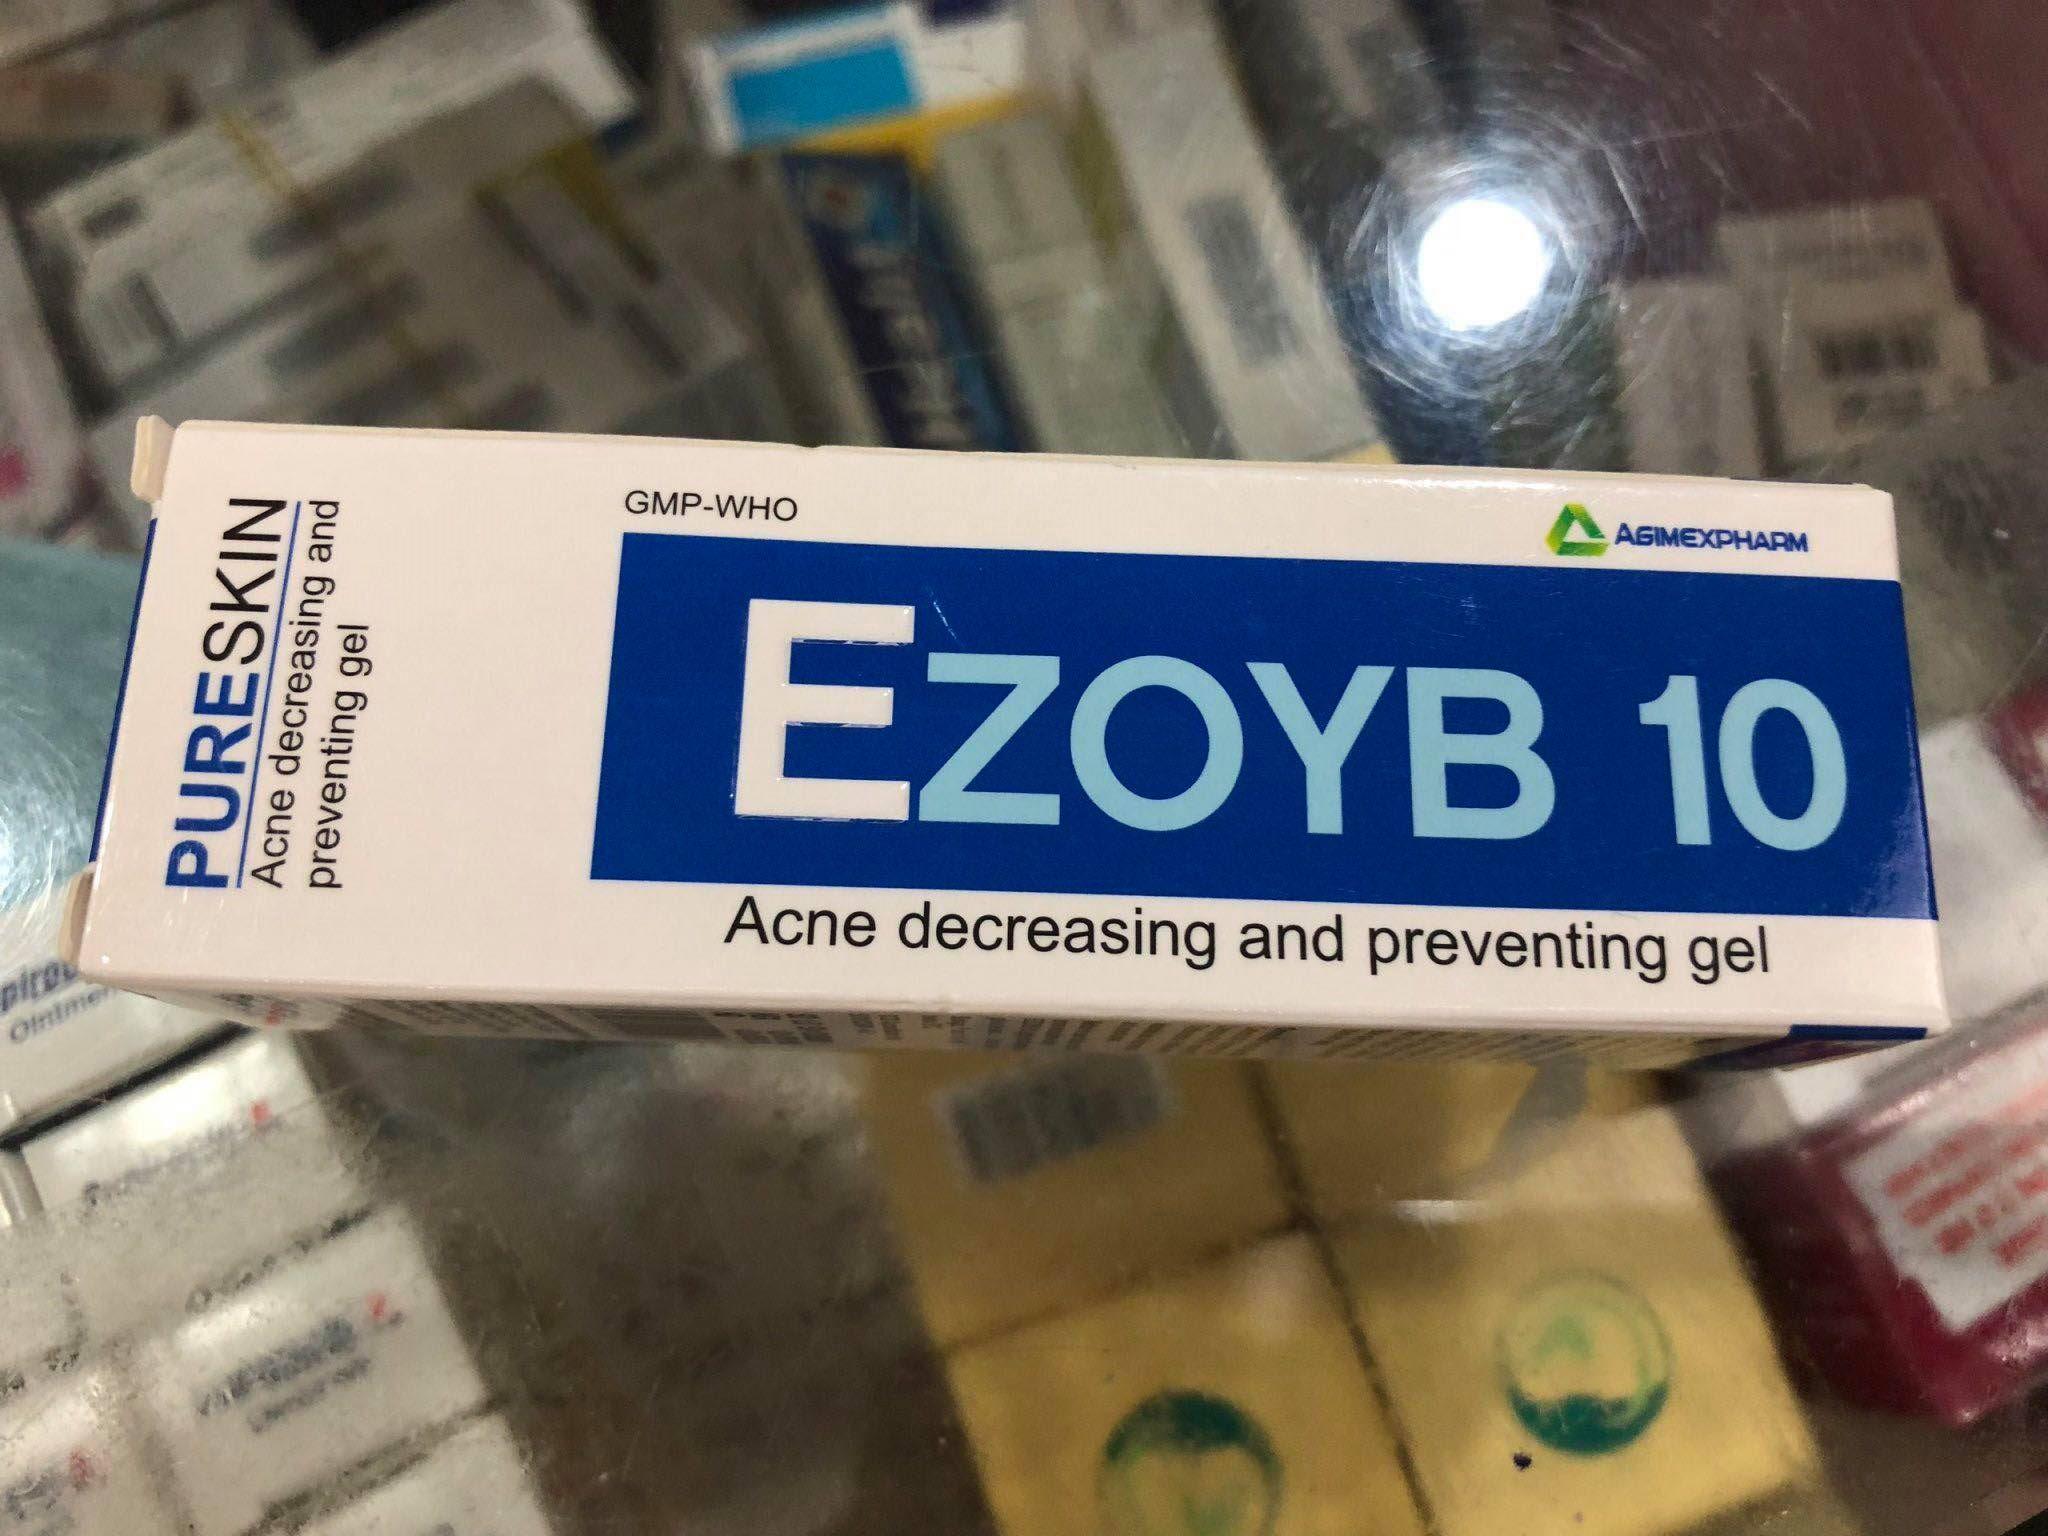 EZOYB 10 Giúp giảm và ngăn ngừa mụn trứng cá 10g